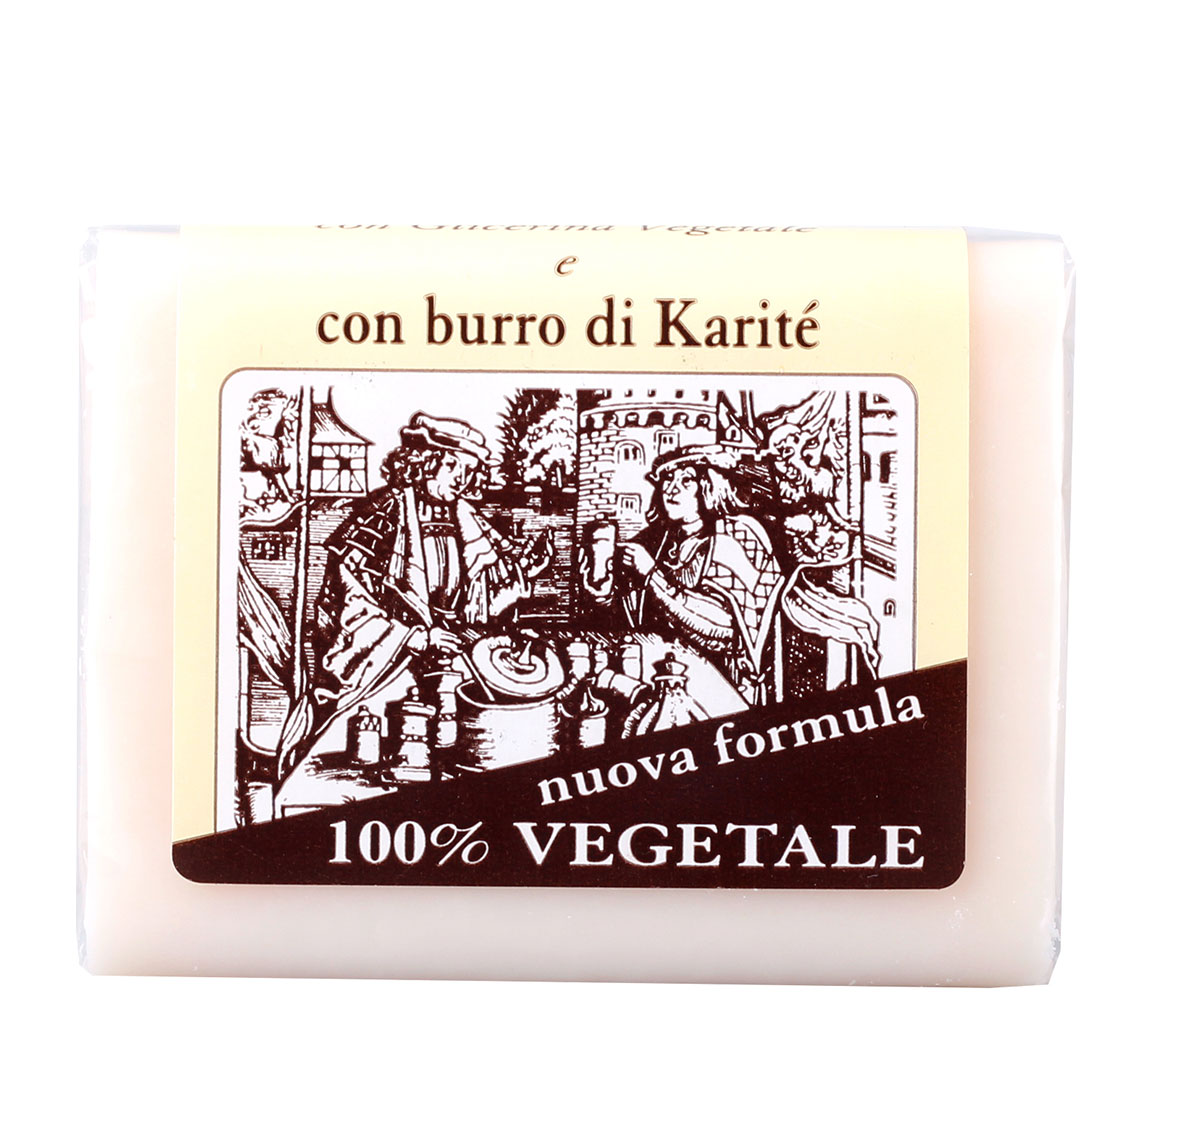 Iteritalia Мыло натуральное глицериновое с маслом Ши 150 г838/833ASНатуральное косметическое глицериновое мыло коллекции МАСТЕРА МЫЛОВАРЫ изготовлено из 100% растительных ингредиентов в соответствии с античными традициями мастеров Саронно. Обогащено глицерином с добавлением масла ши, обладает увлажняющим и смягчающим действием. Подходит для всех типов кожи.